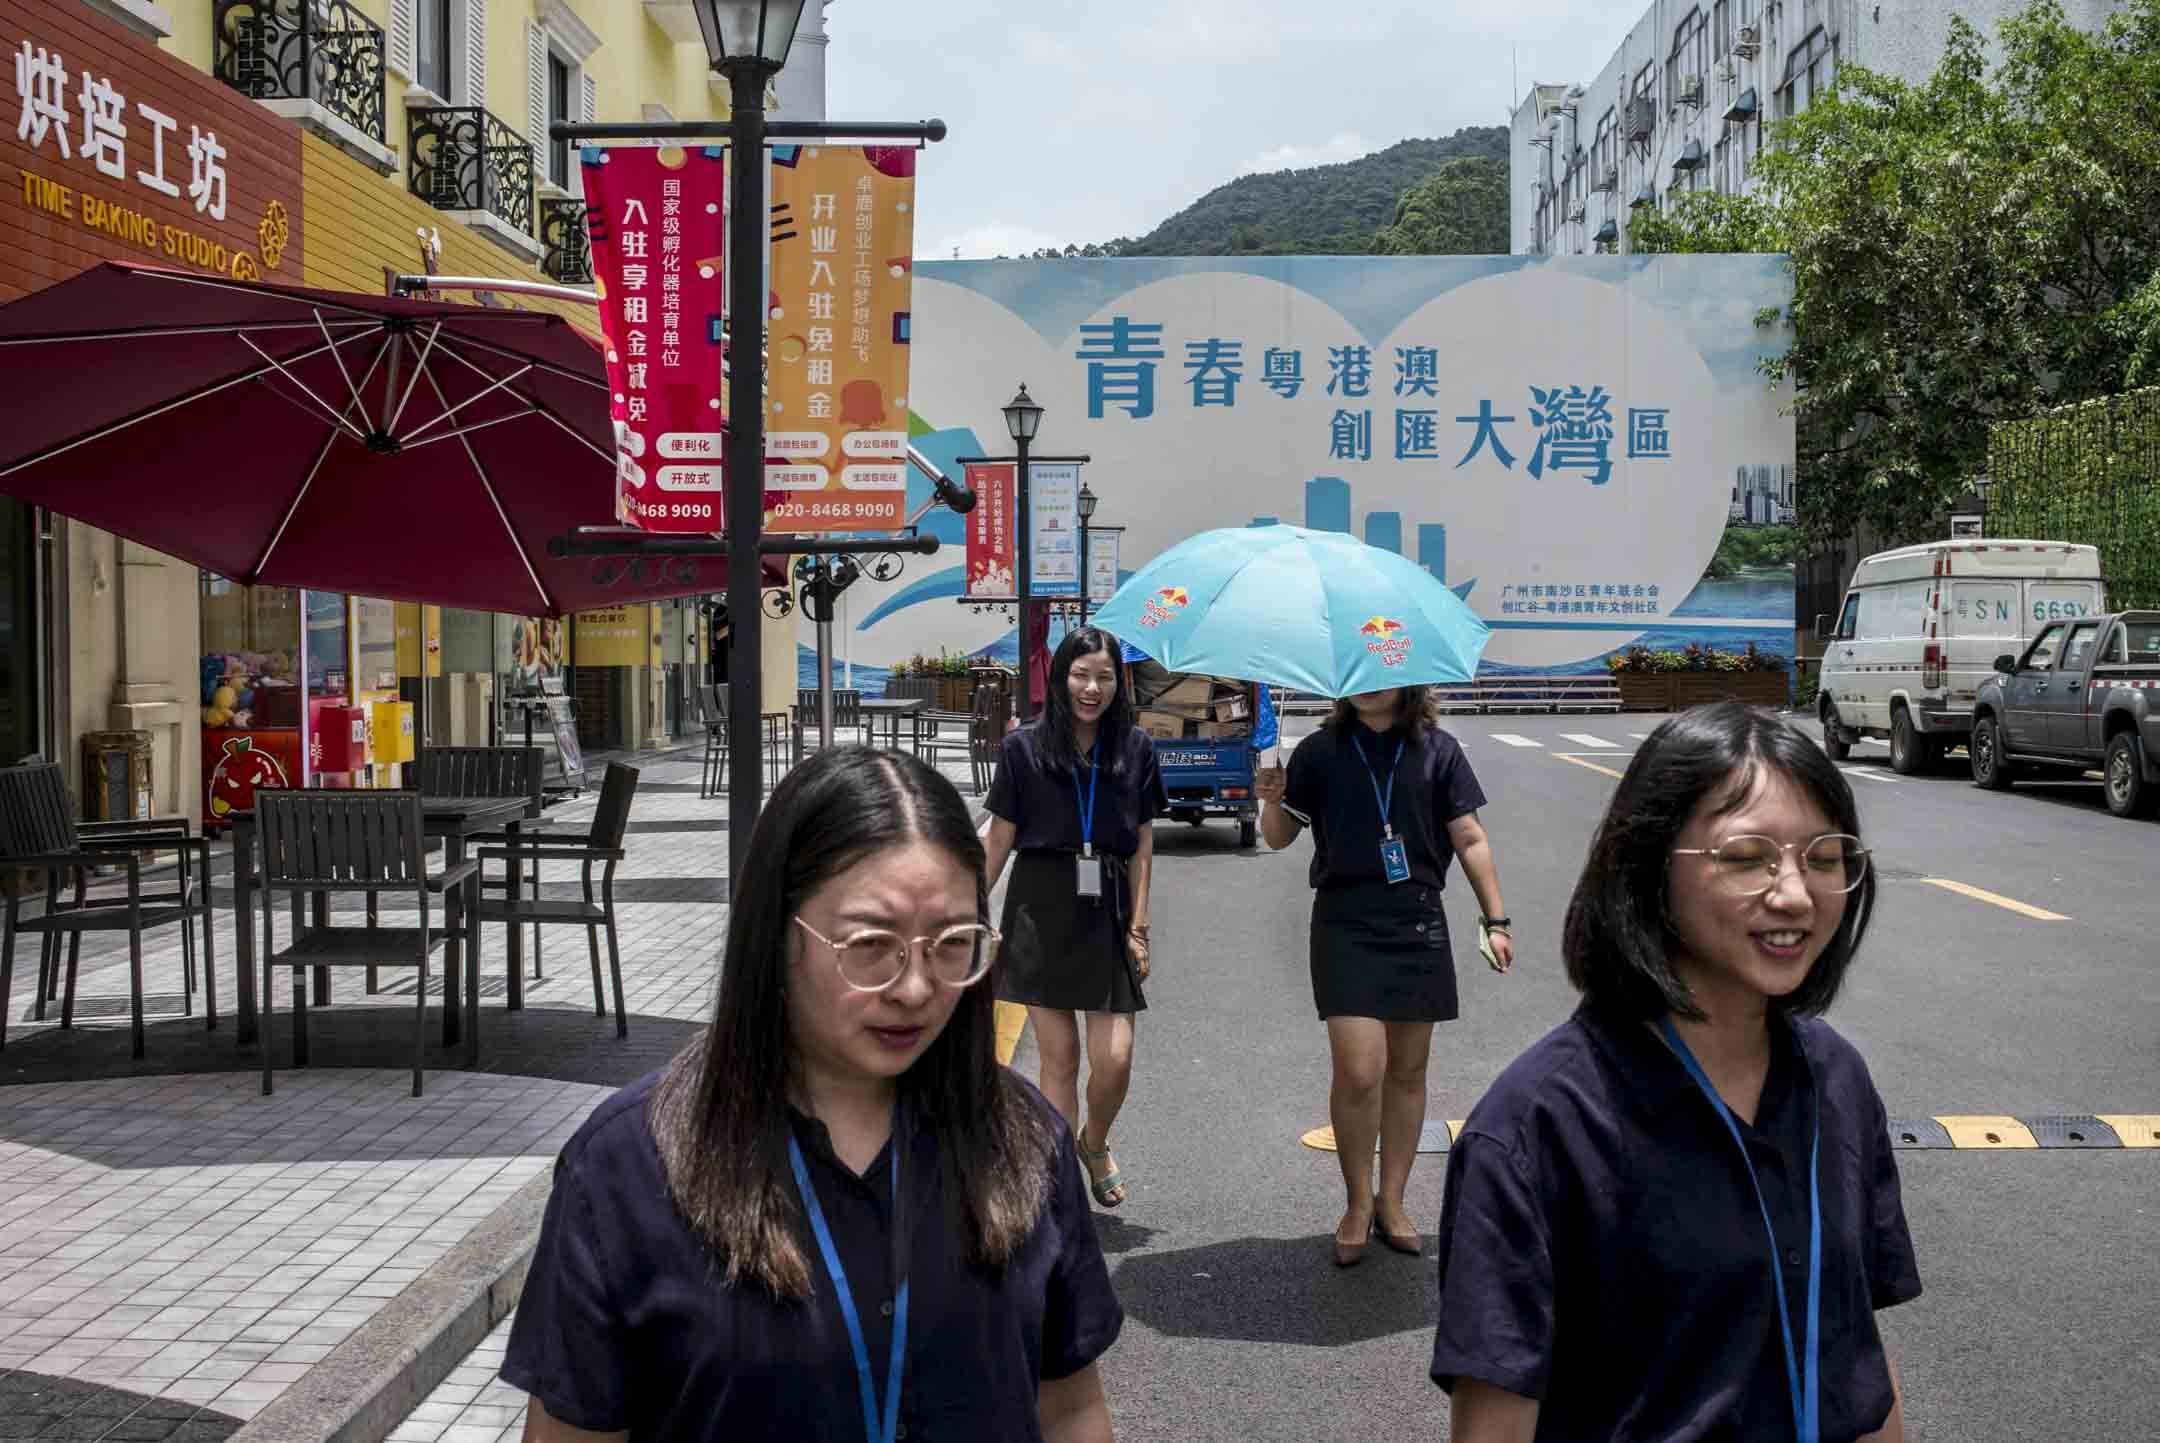 創匯谷園區屬於活化工廈,負責人表示希望在南沙建立一個粵港澳文創社區,專門扶持一些香港的文創初創企業。 攝:林振東/端傳媒